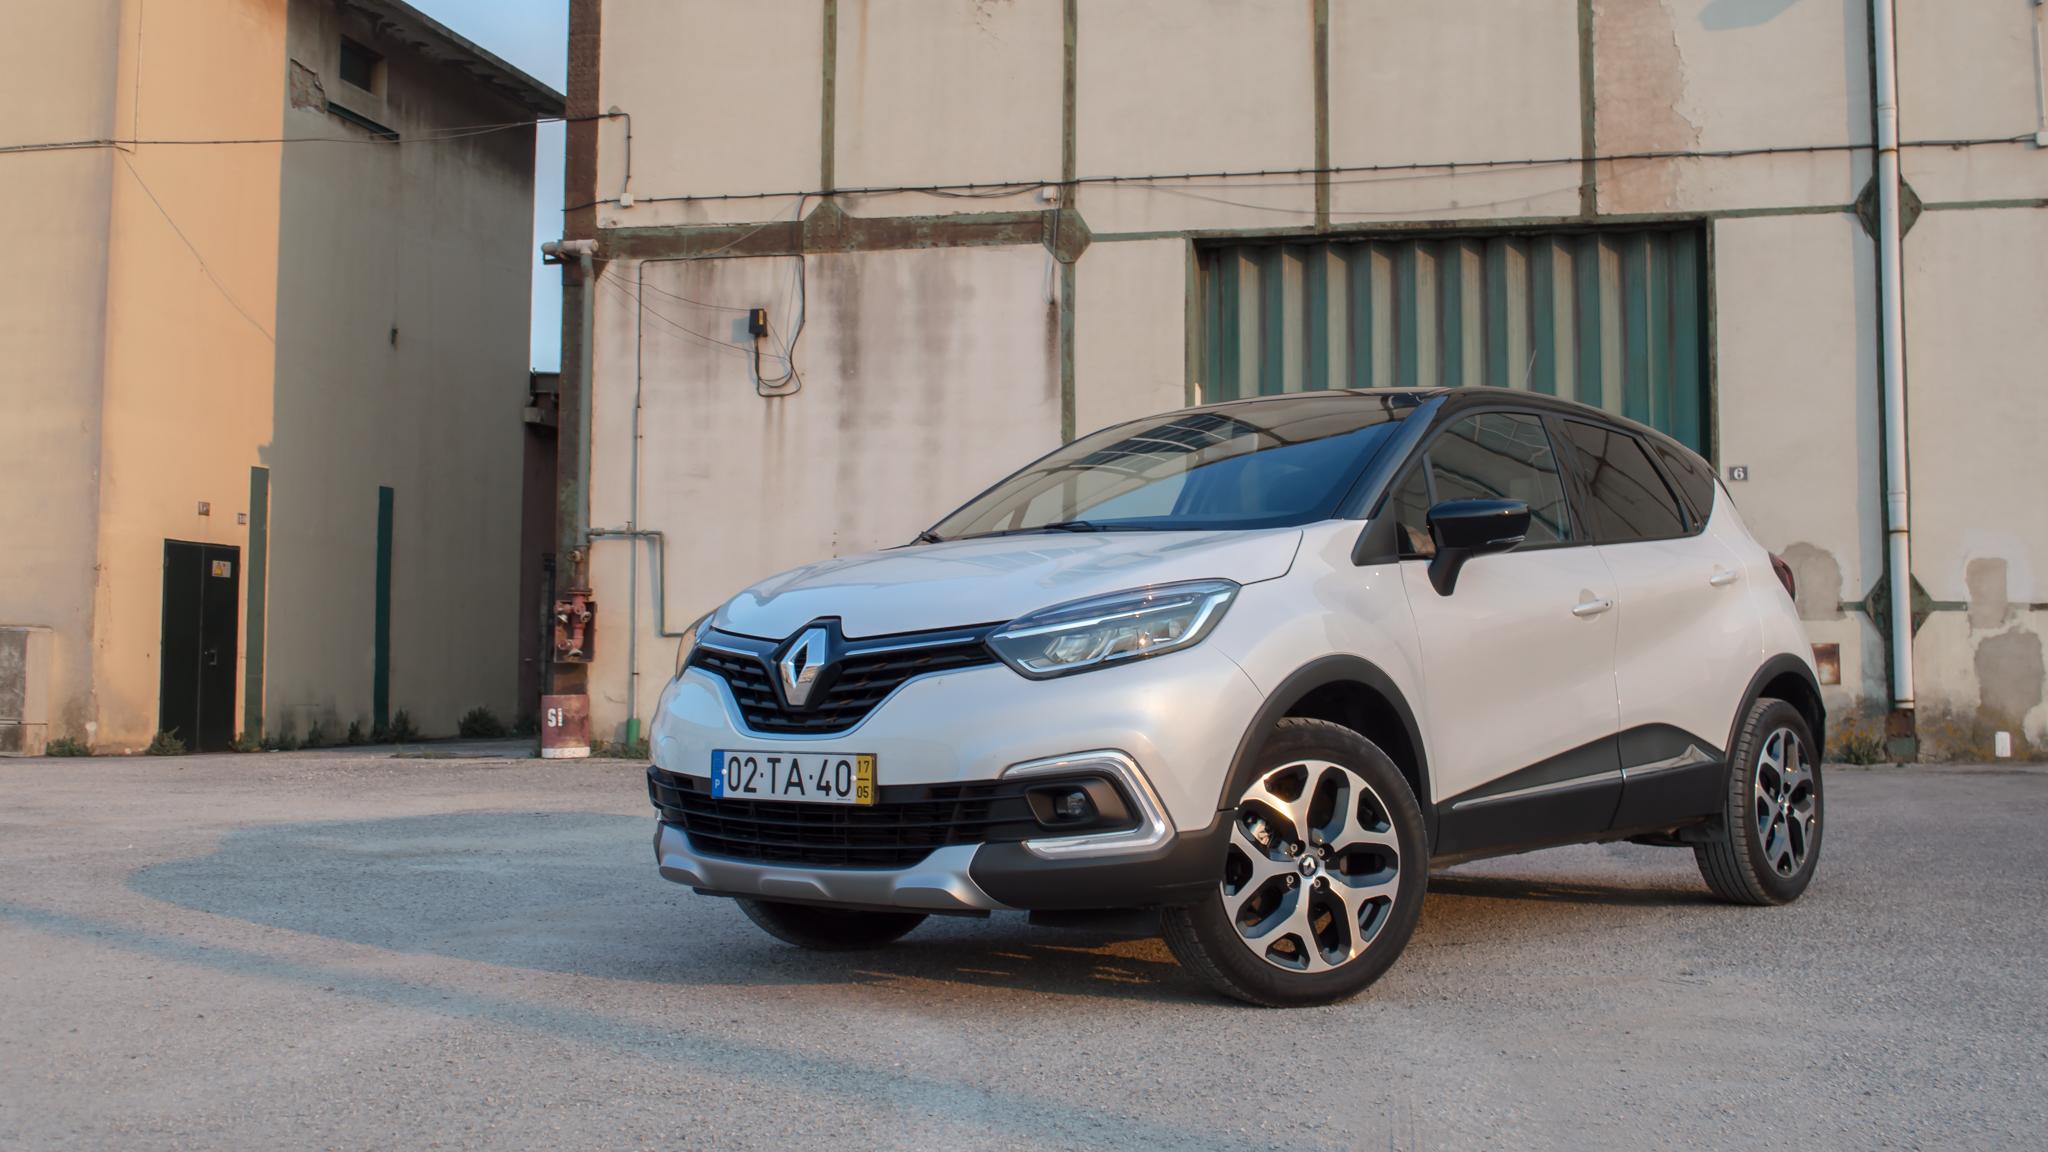 Renault Captur 1.2 TCe 120